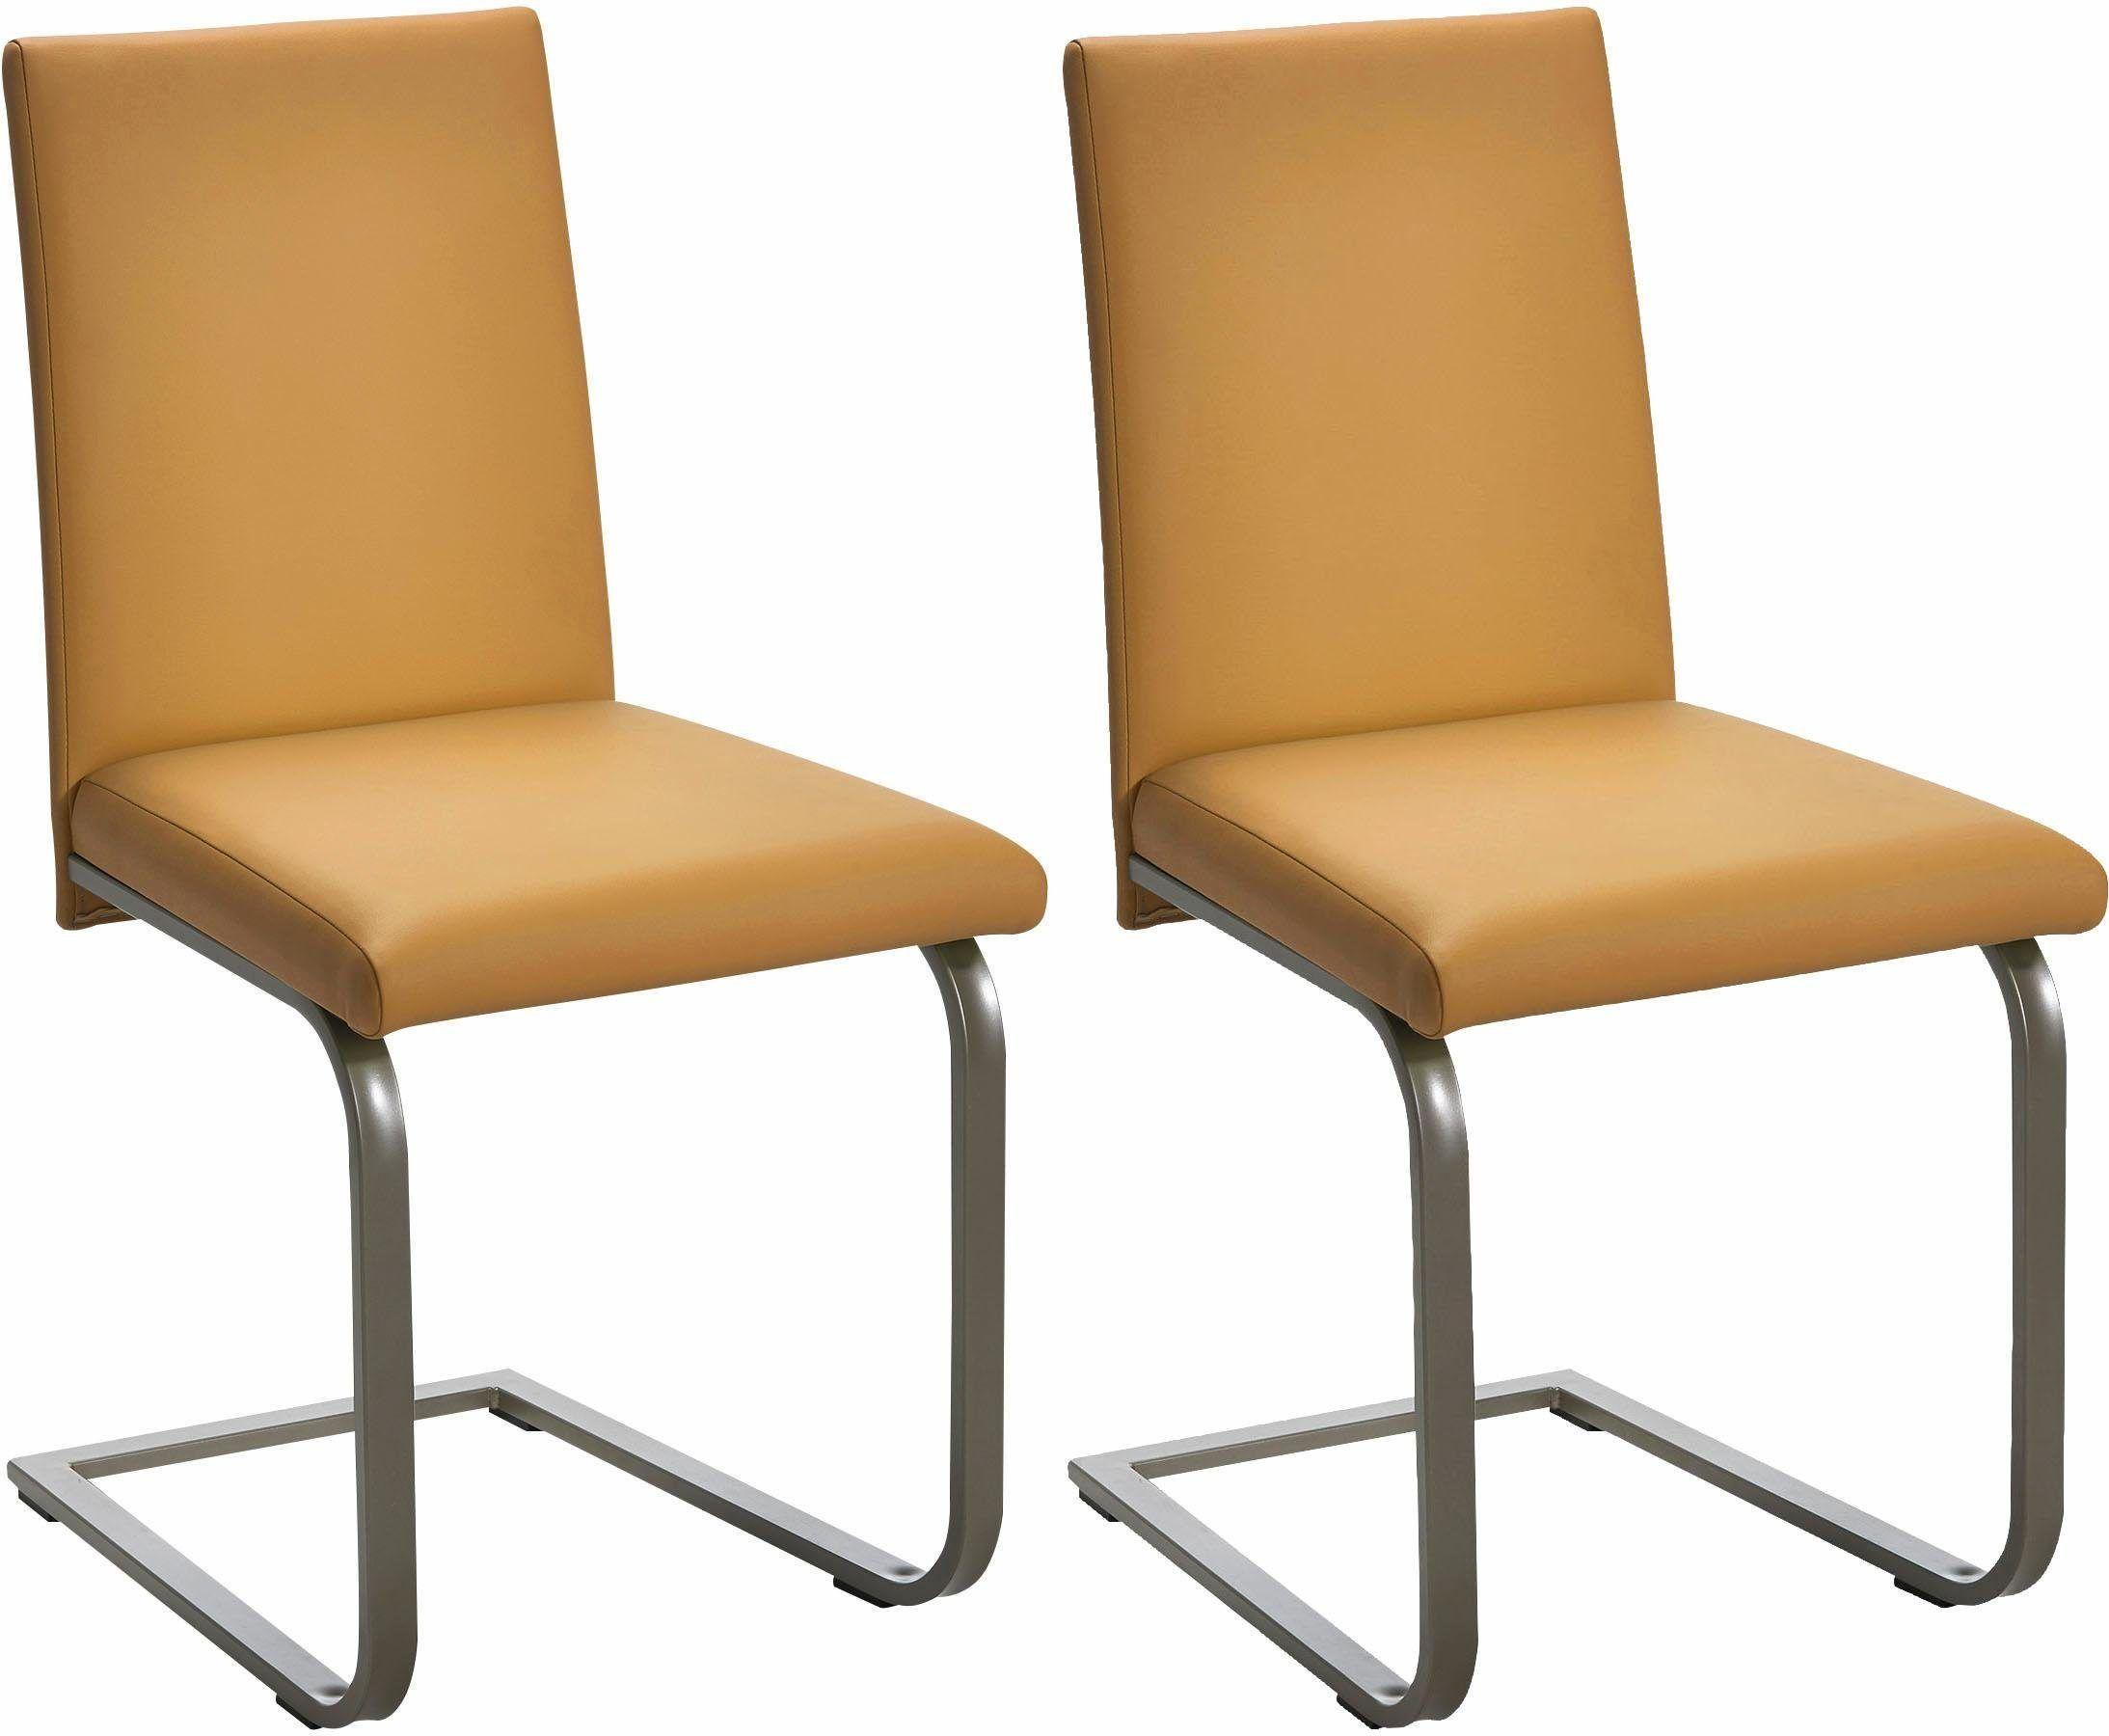 SCH–SSWENDER Stühle 2 Stück gelb pflegeleichtes Kunstleder FSC zertifiziert Jetzt